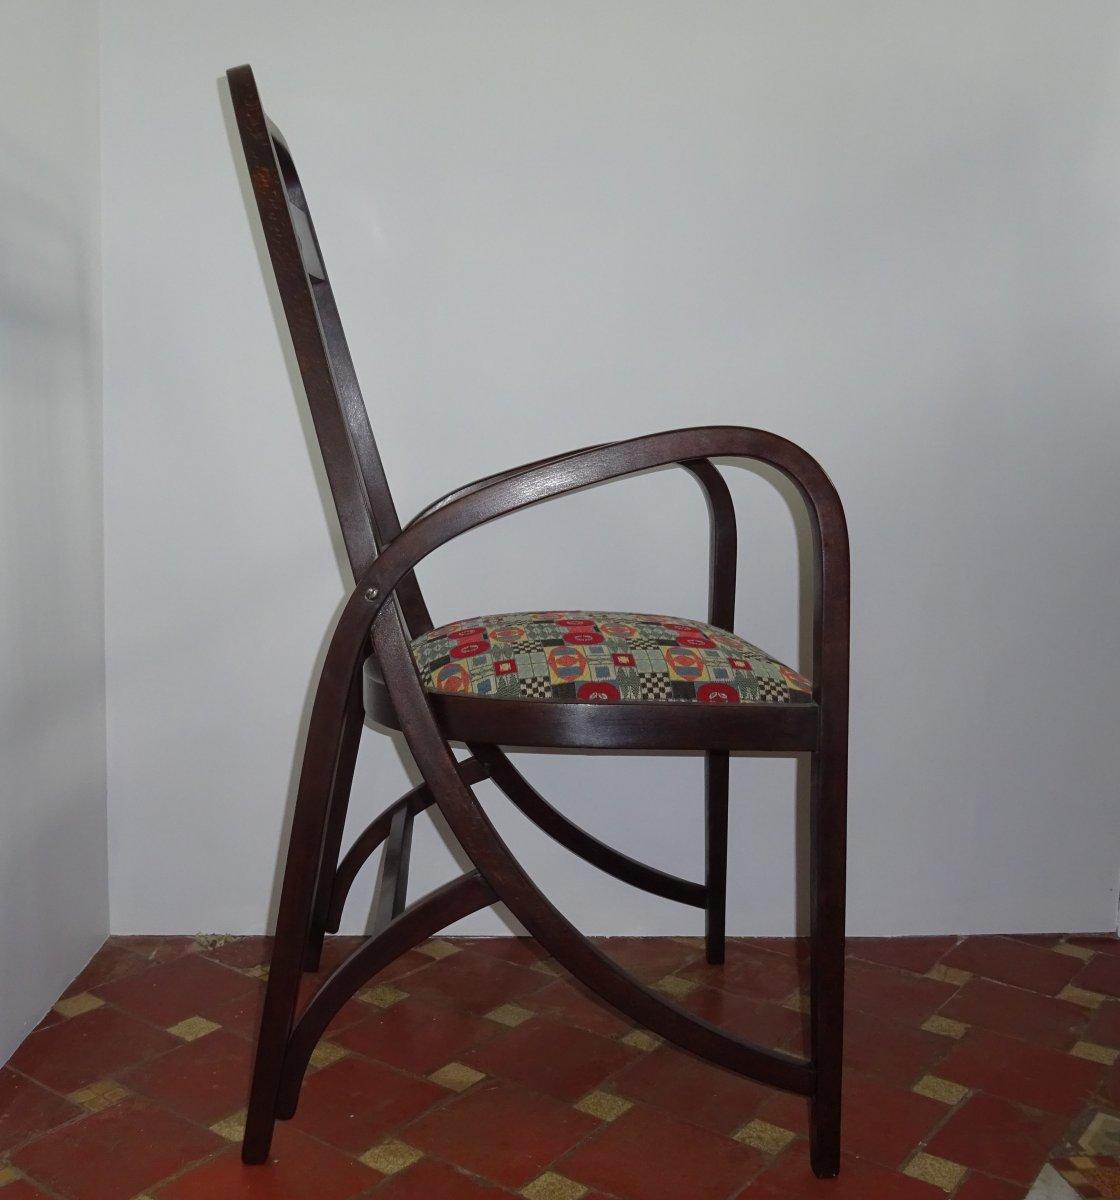 Fauteuil Josef Hoffmann Thonet 511 Art Nouveau